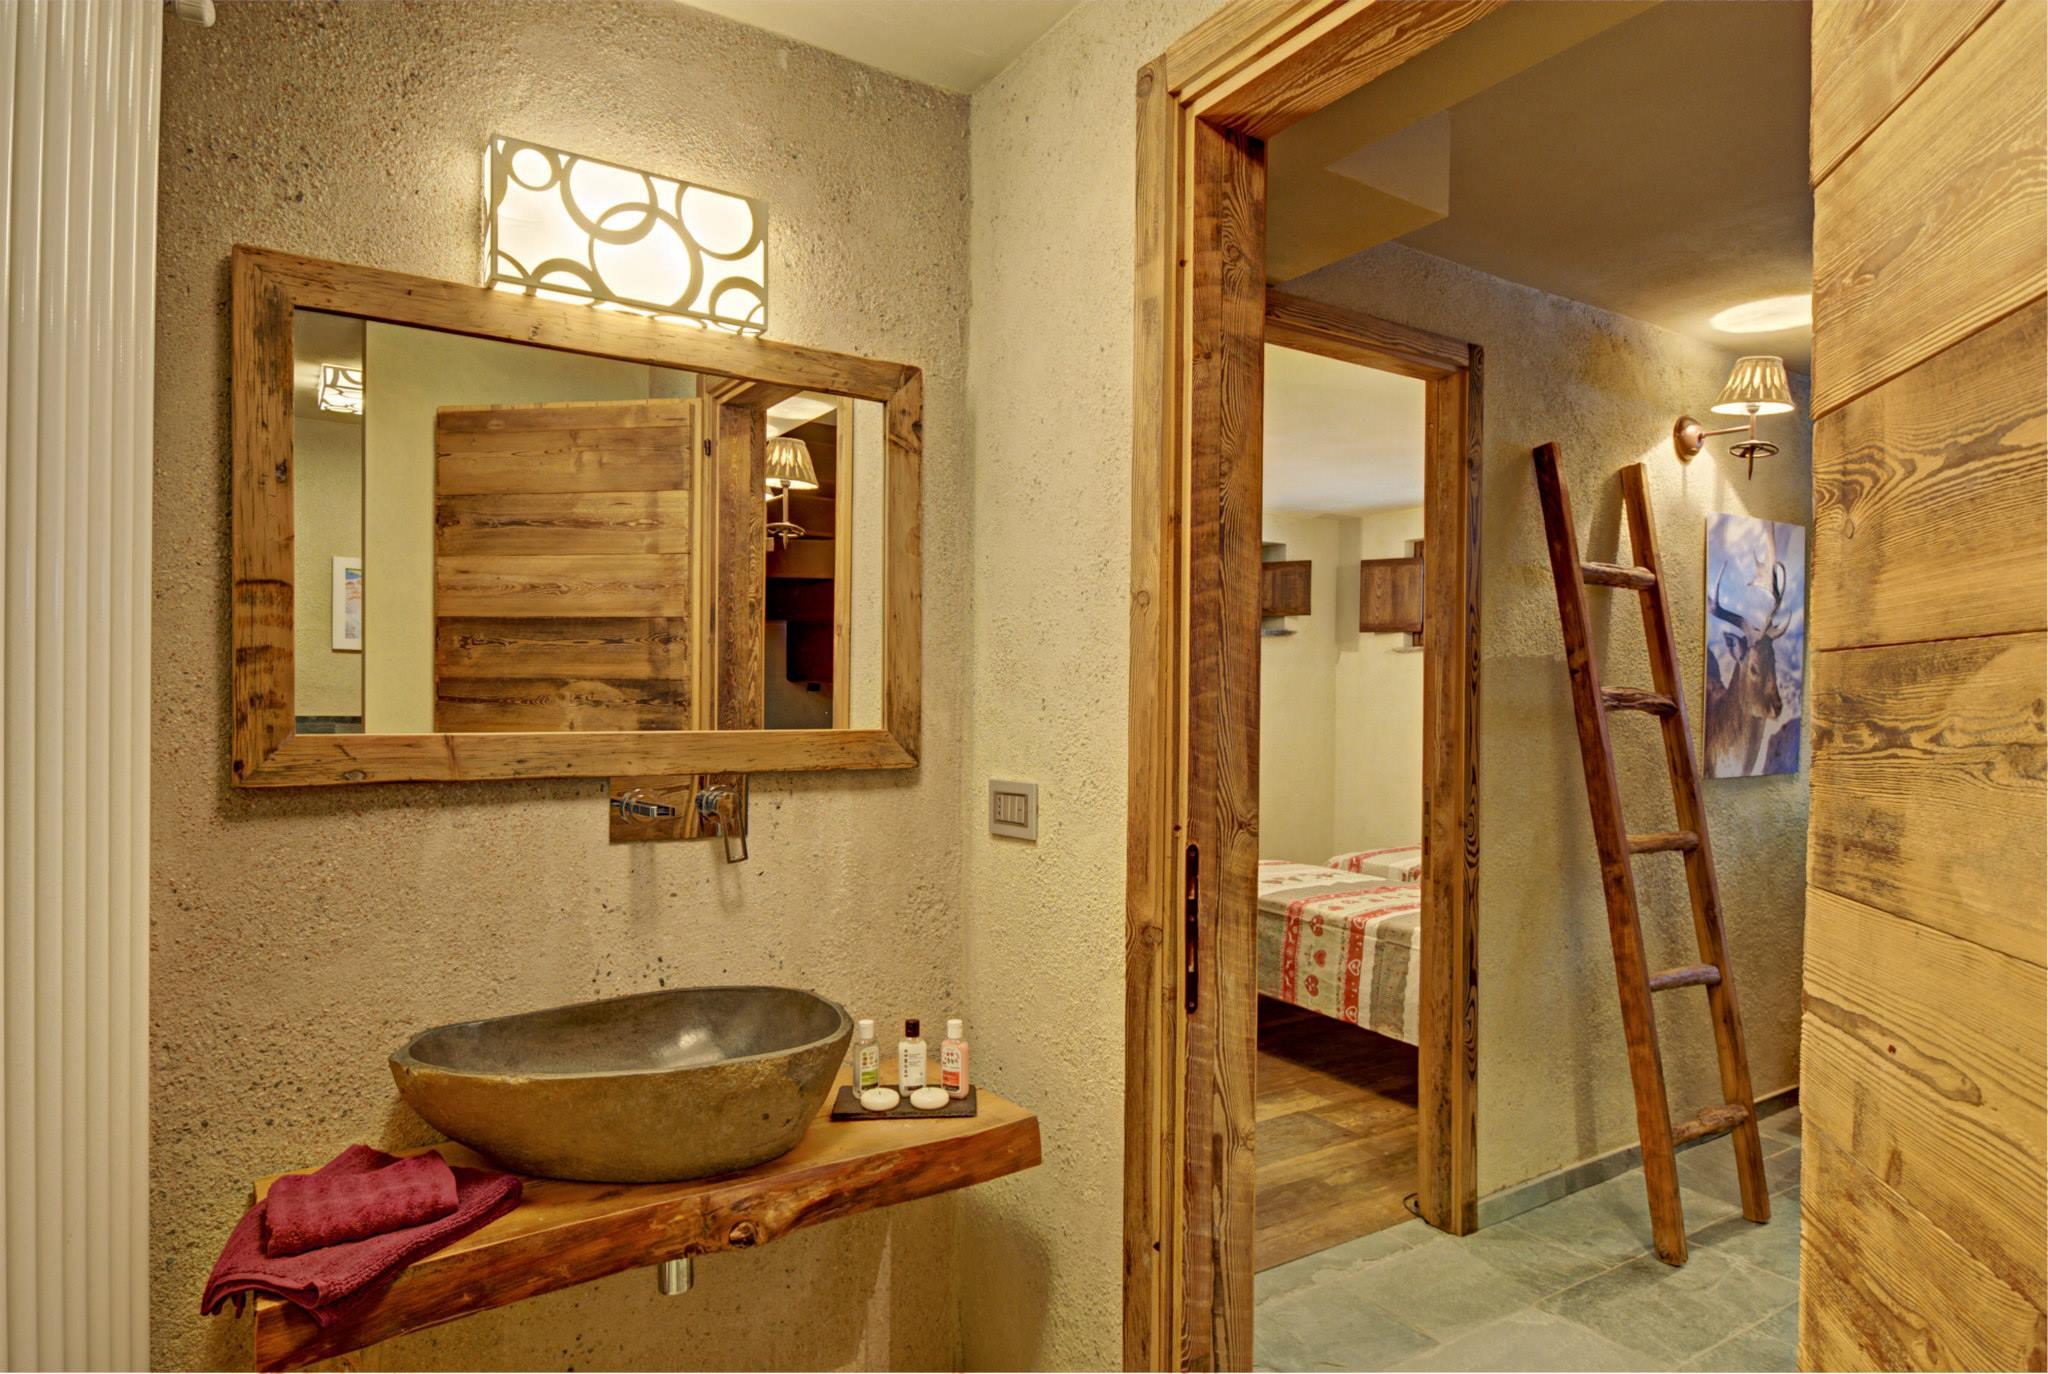 decoracion de interiores rusticos fotos:Diseño de interiores rústico uso de madera y piedra